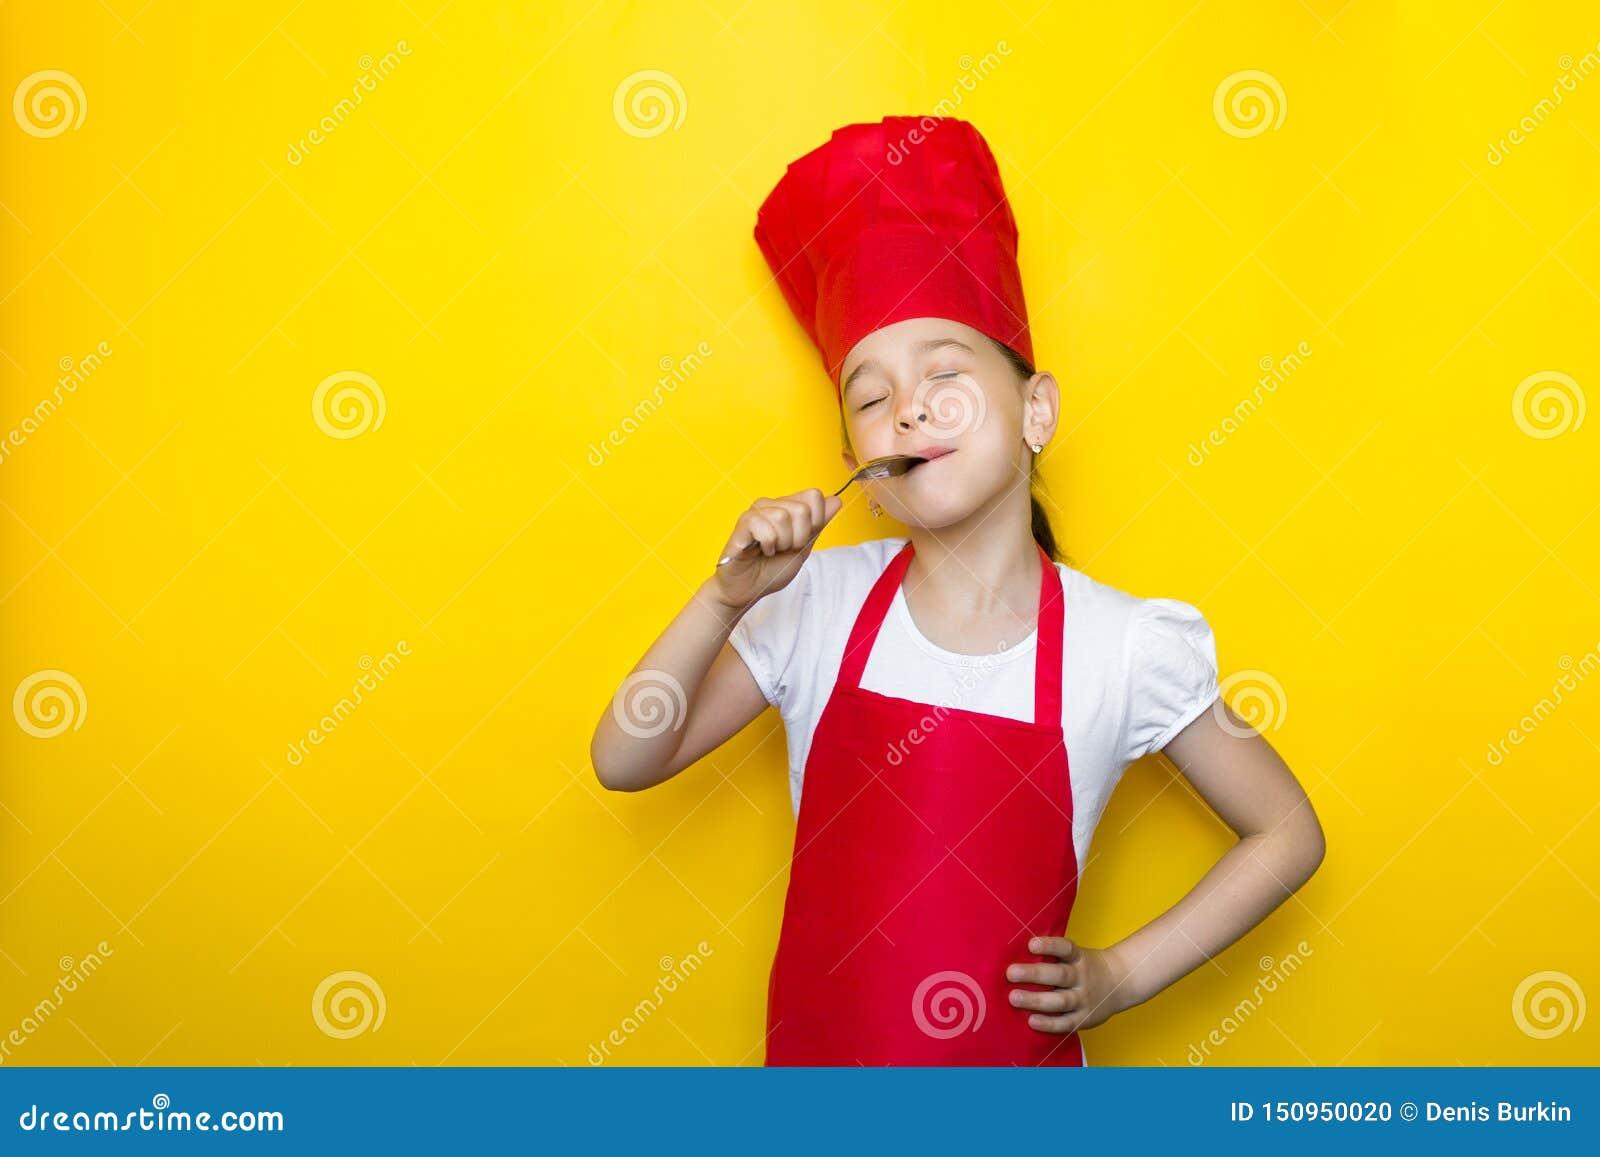 Маленькая девочка в костюме шеф-повара лижет ложку, закрывая ее глаза, очень вкусный вкус, на желтой предпосылке с космосом экзем